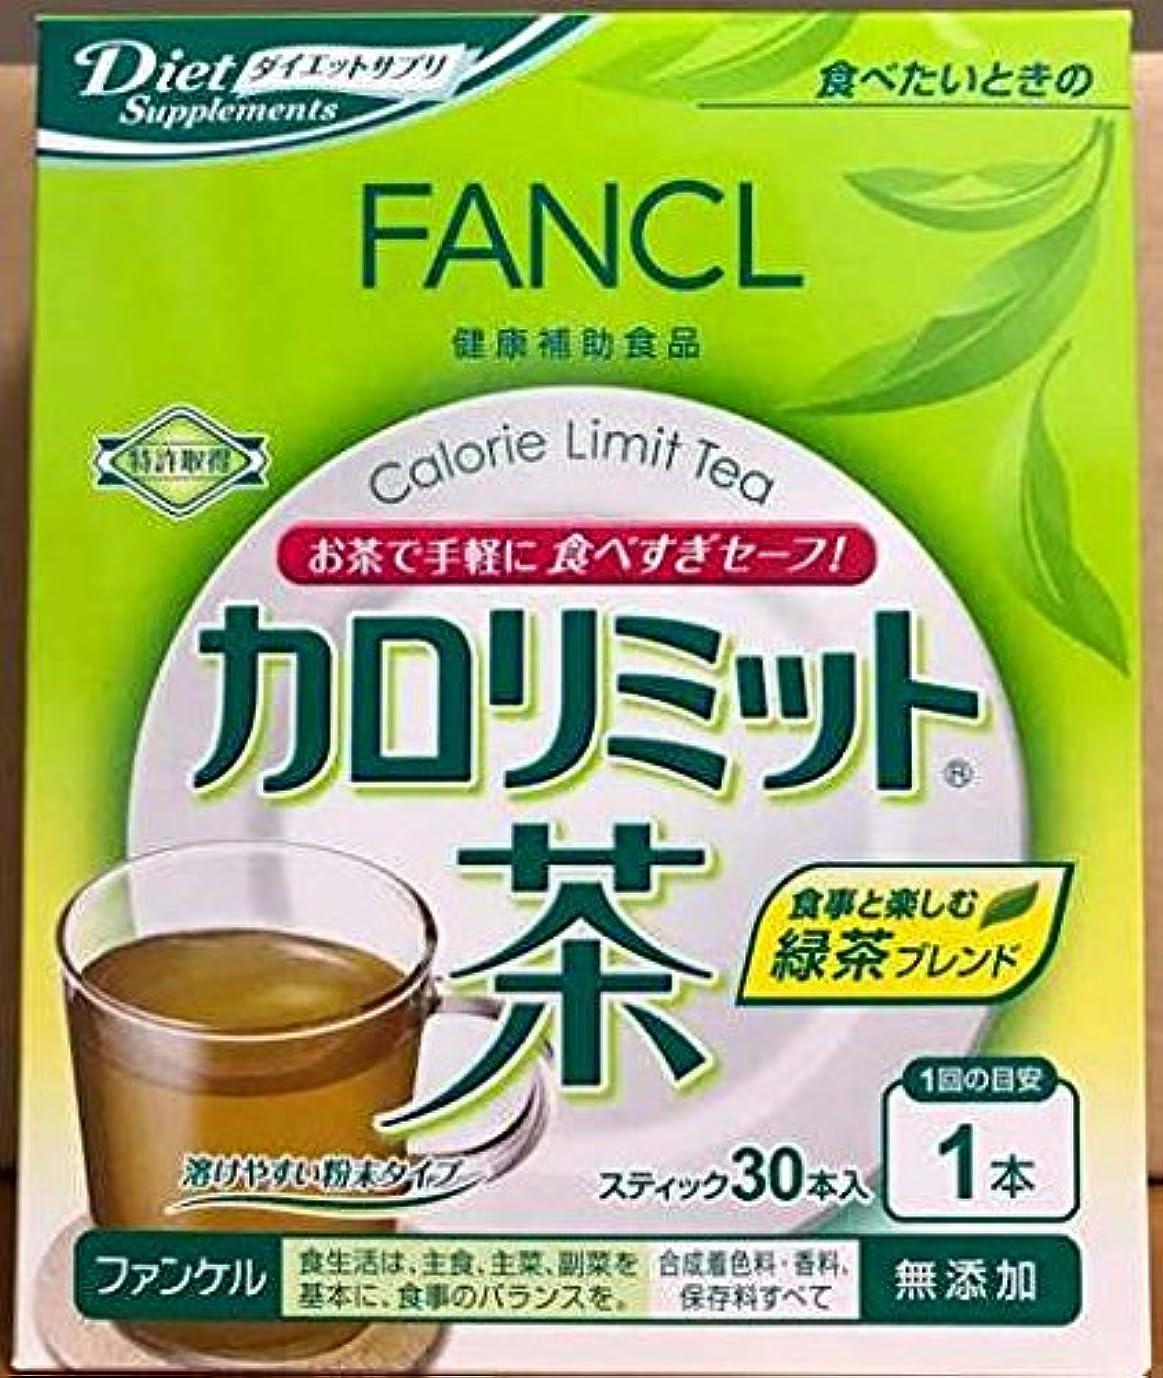 きしむ贅沢便宜FANCL ファンケル カロリミット茶 約30本入り